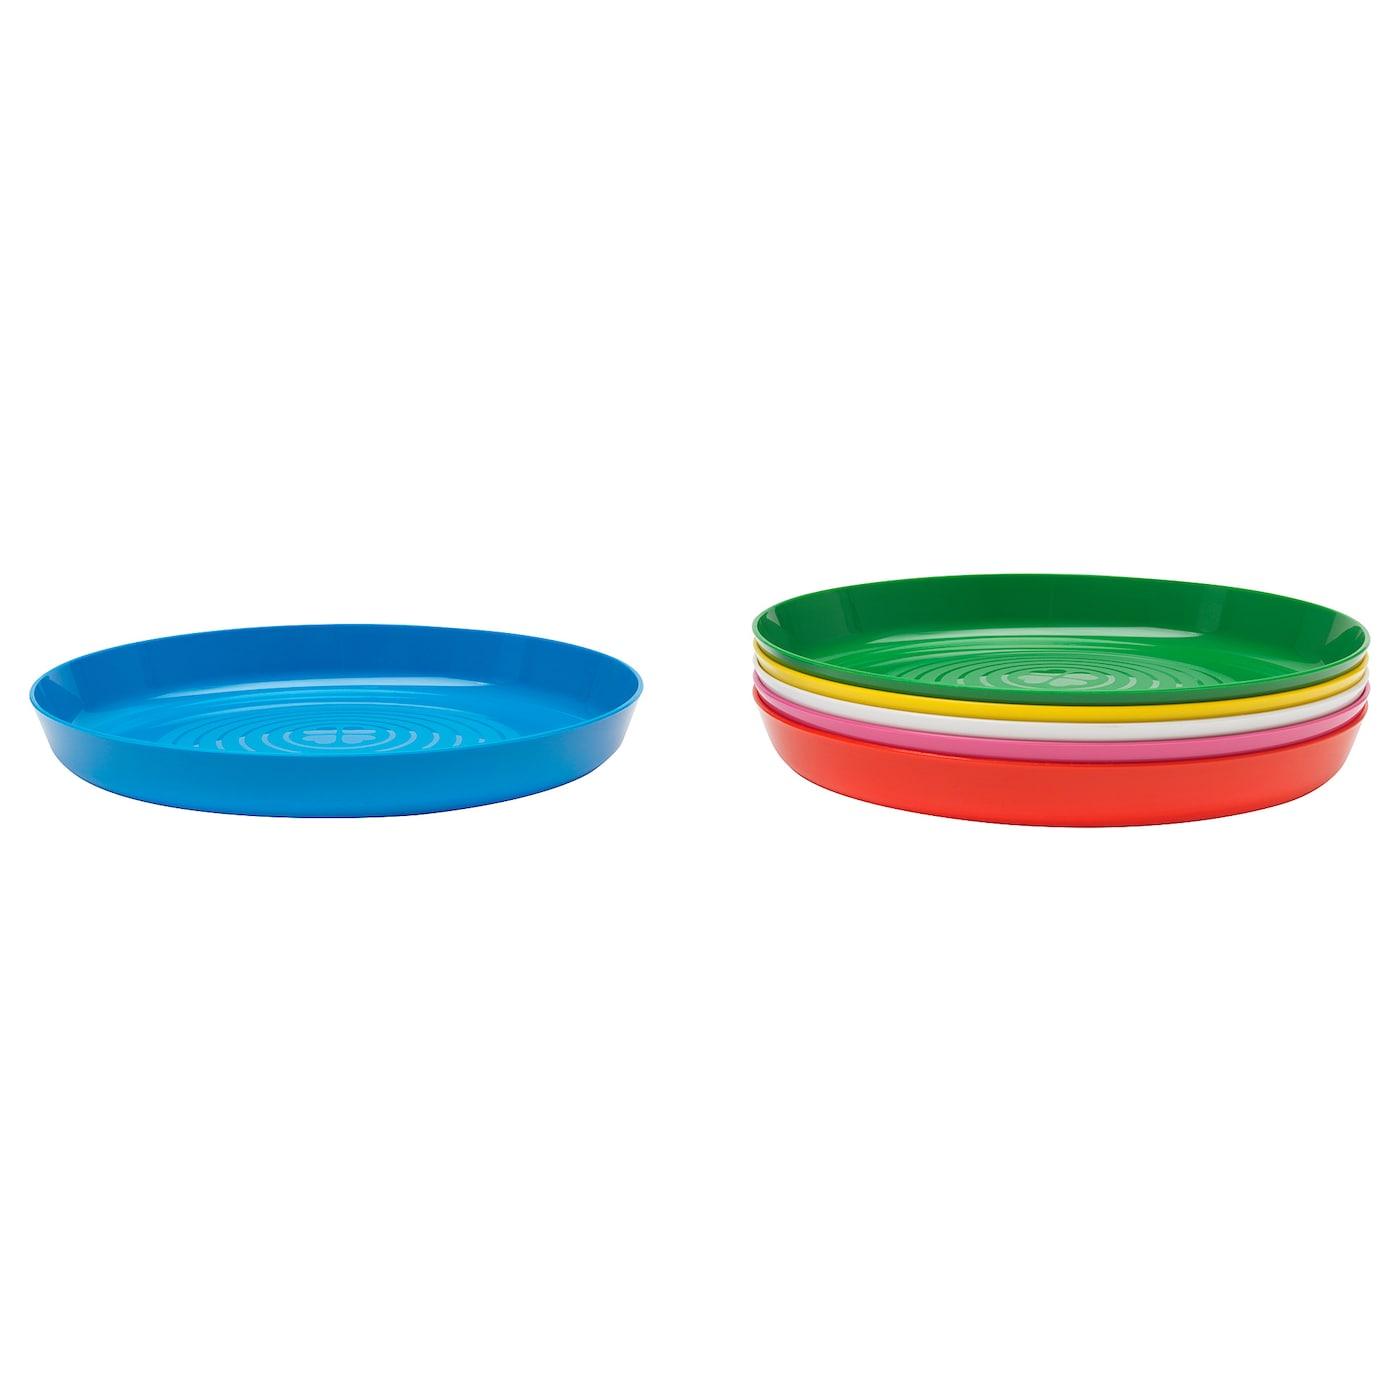 Kalas Kids Children Coloured Plates Everyday Meal Dishwasher Microwave Safe 19cm